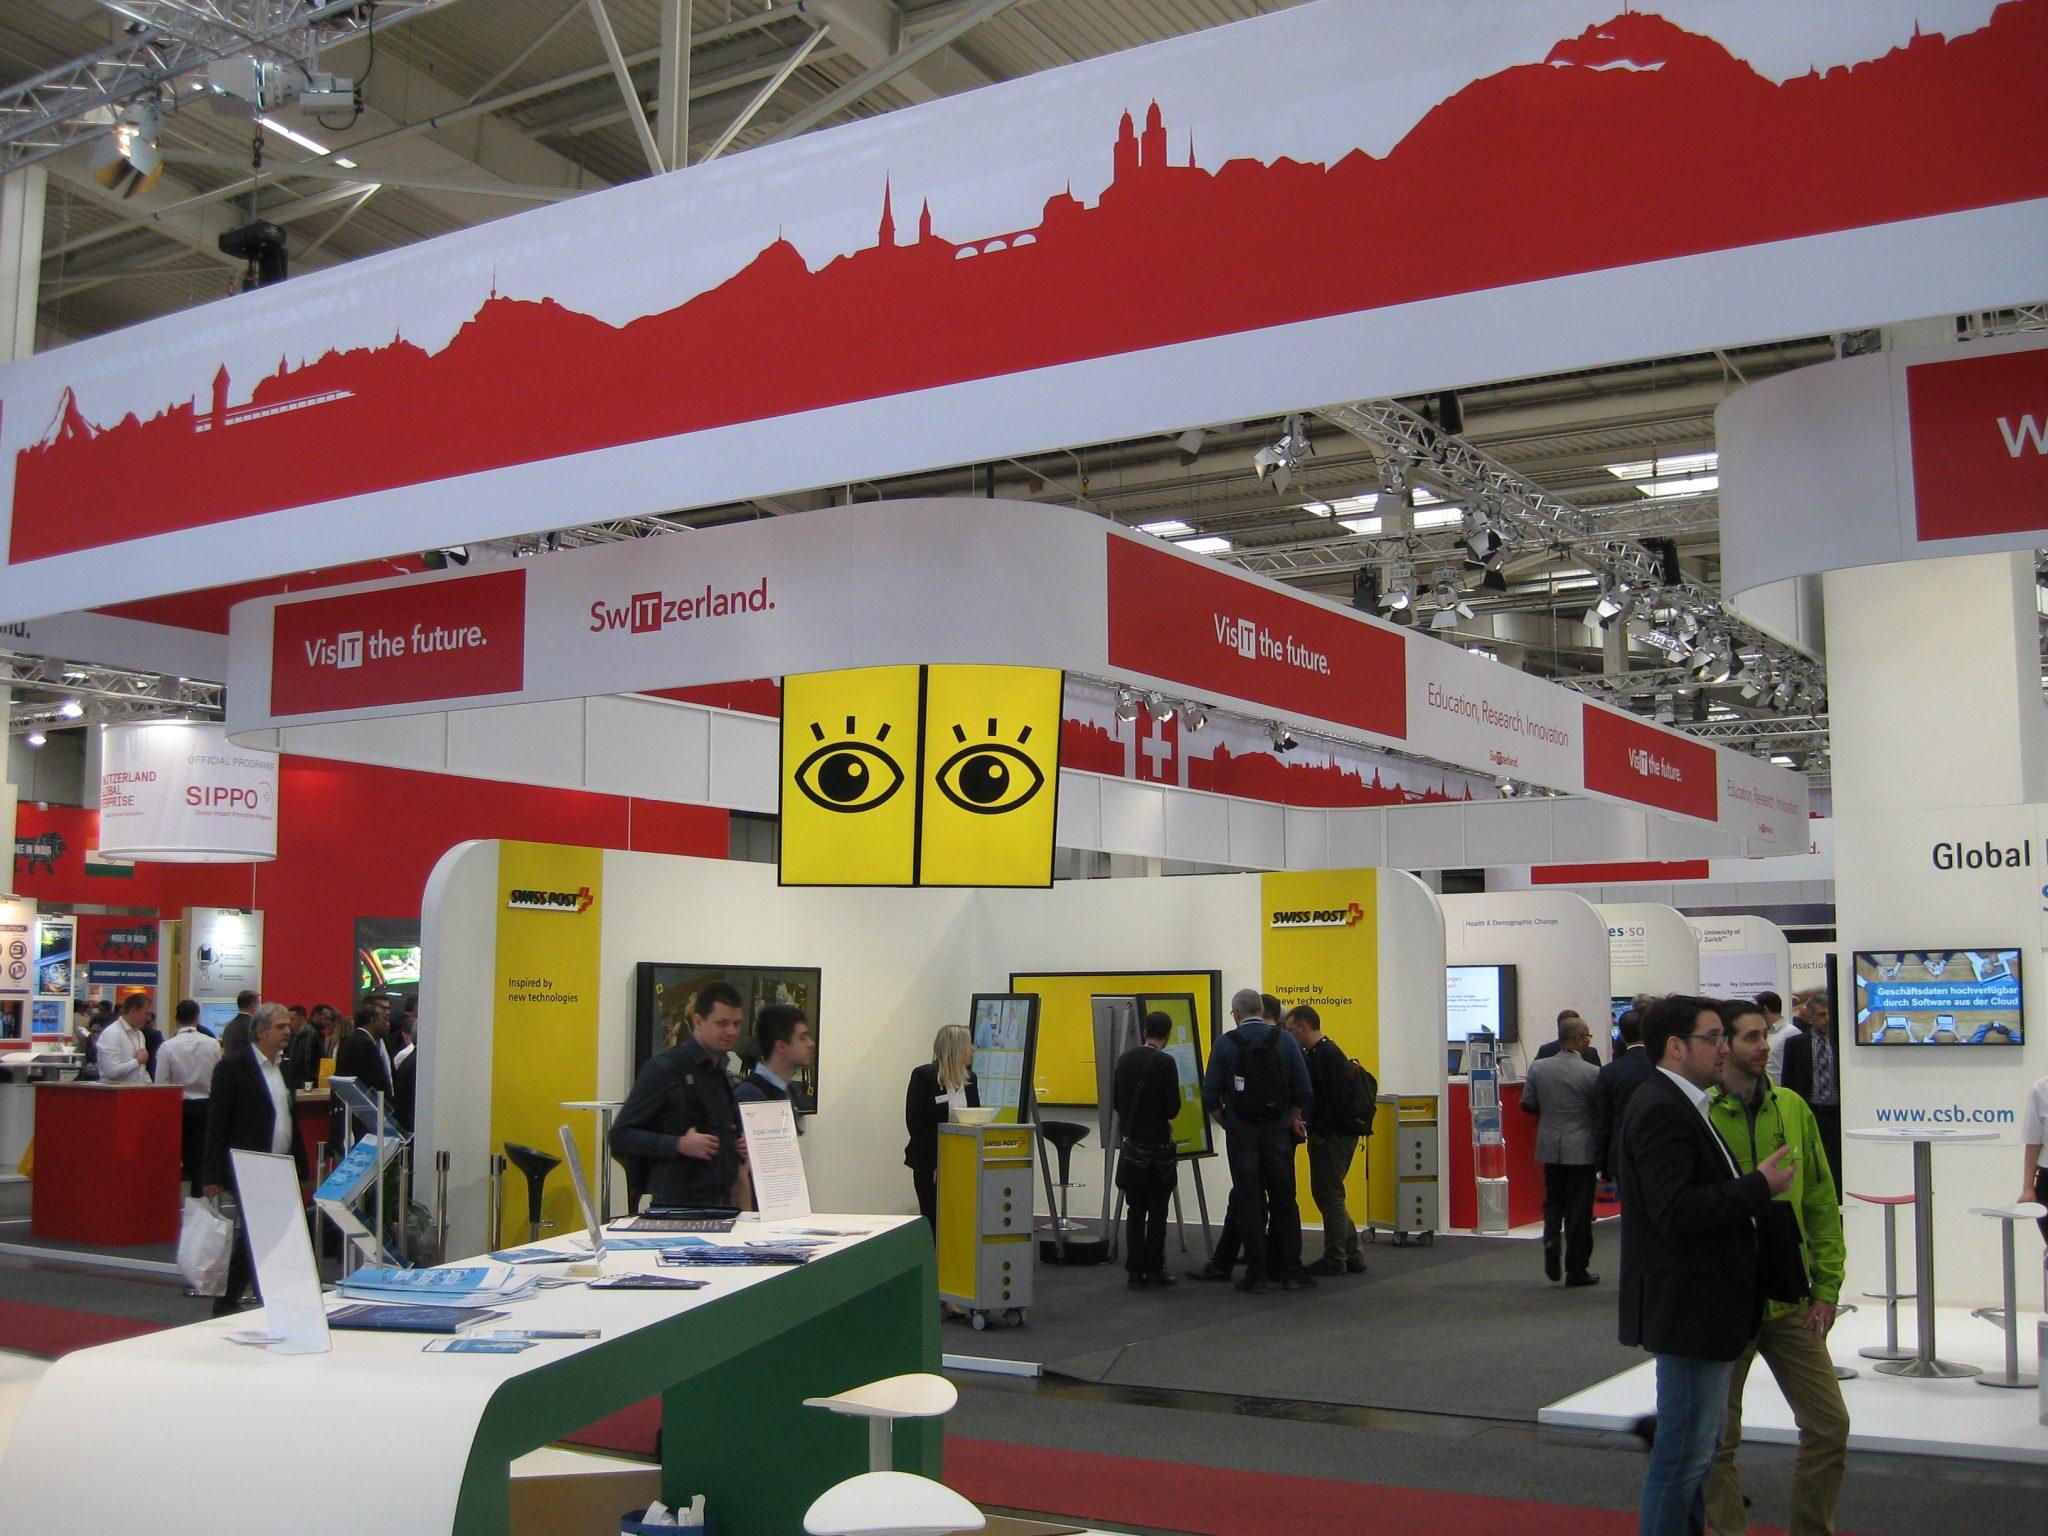 Ständer auf dem Schweizer Pavillon auf der CeBIT 2016